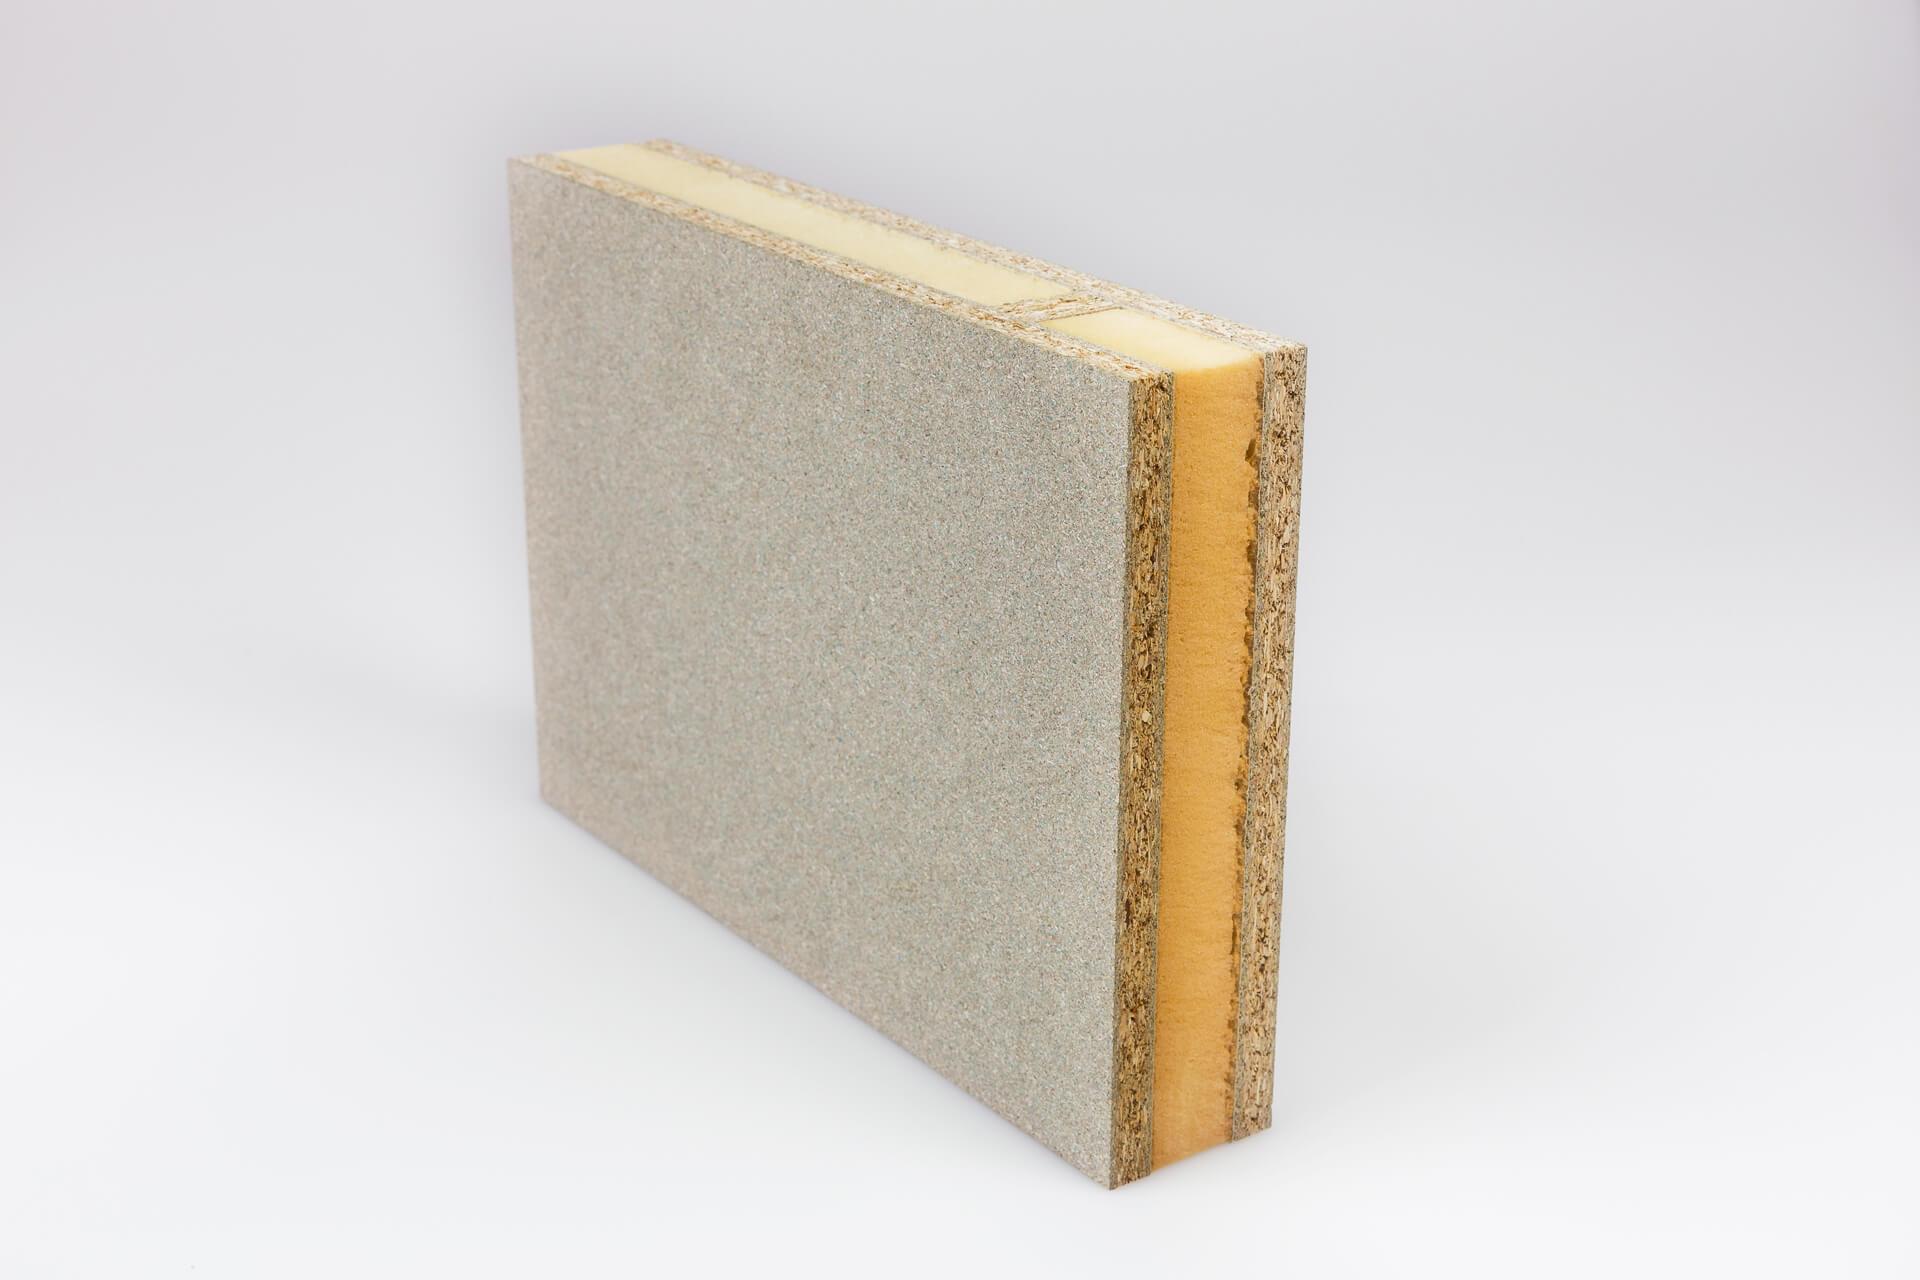 TAVAPOLY Rahmenverbreiterungen Holz